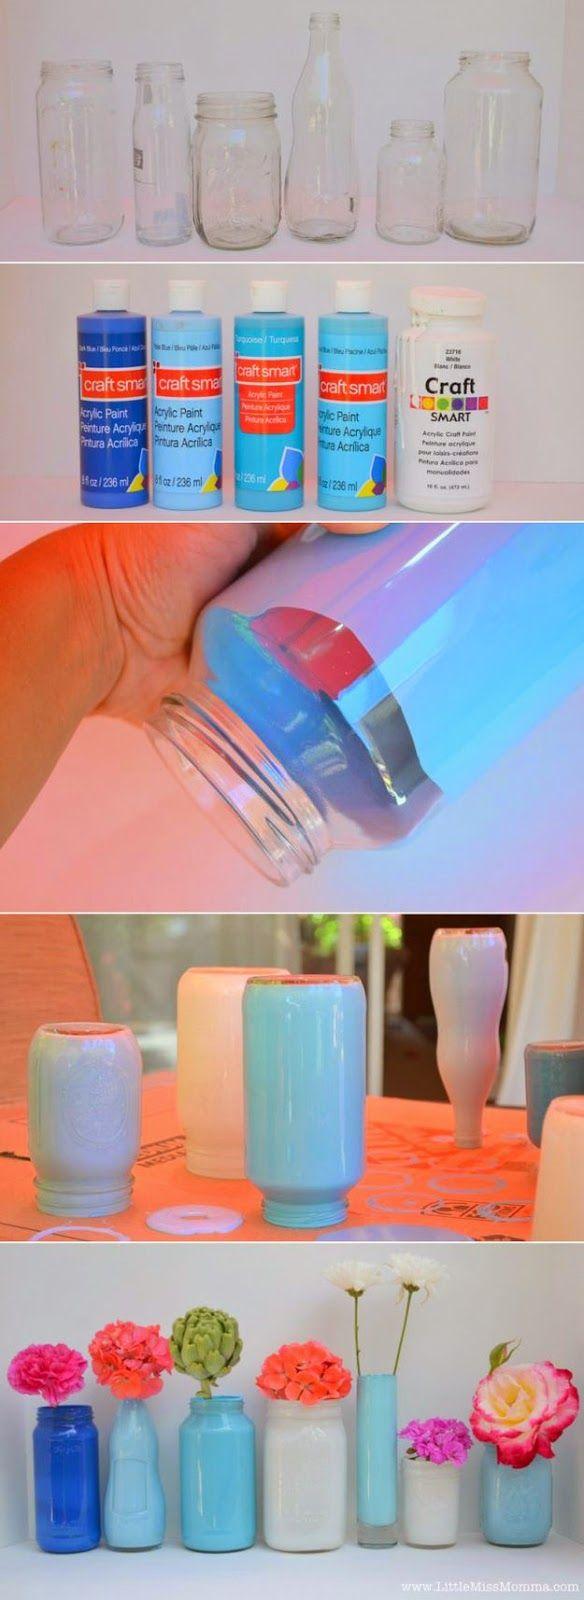 Κατασκευές από γυάλινα βάζα